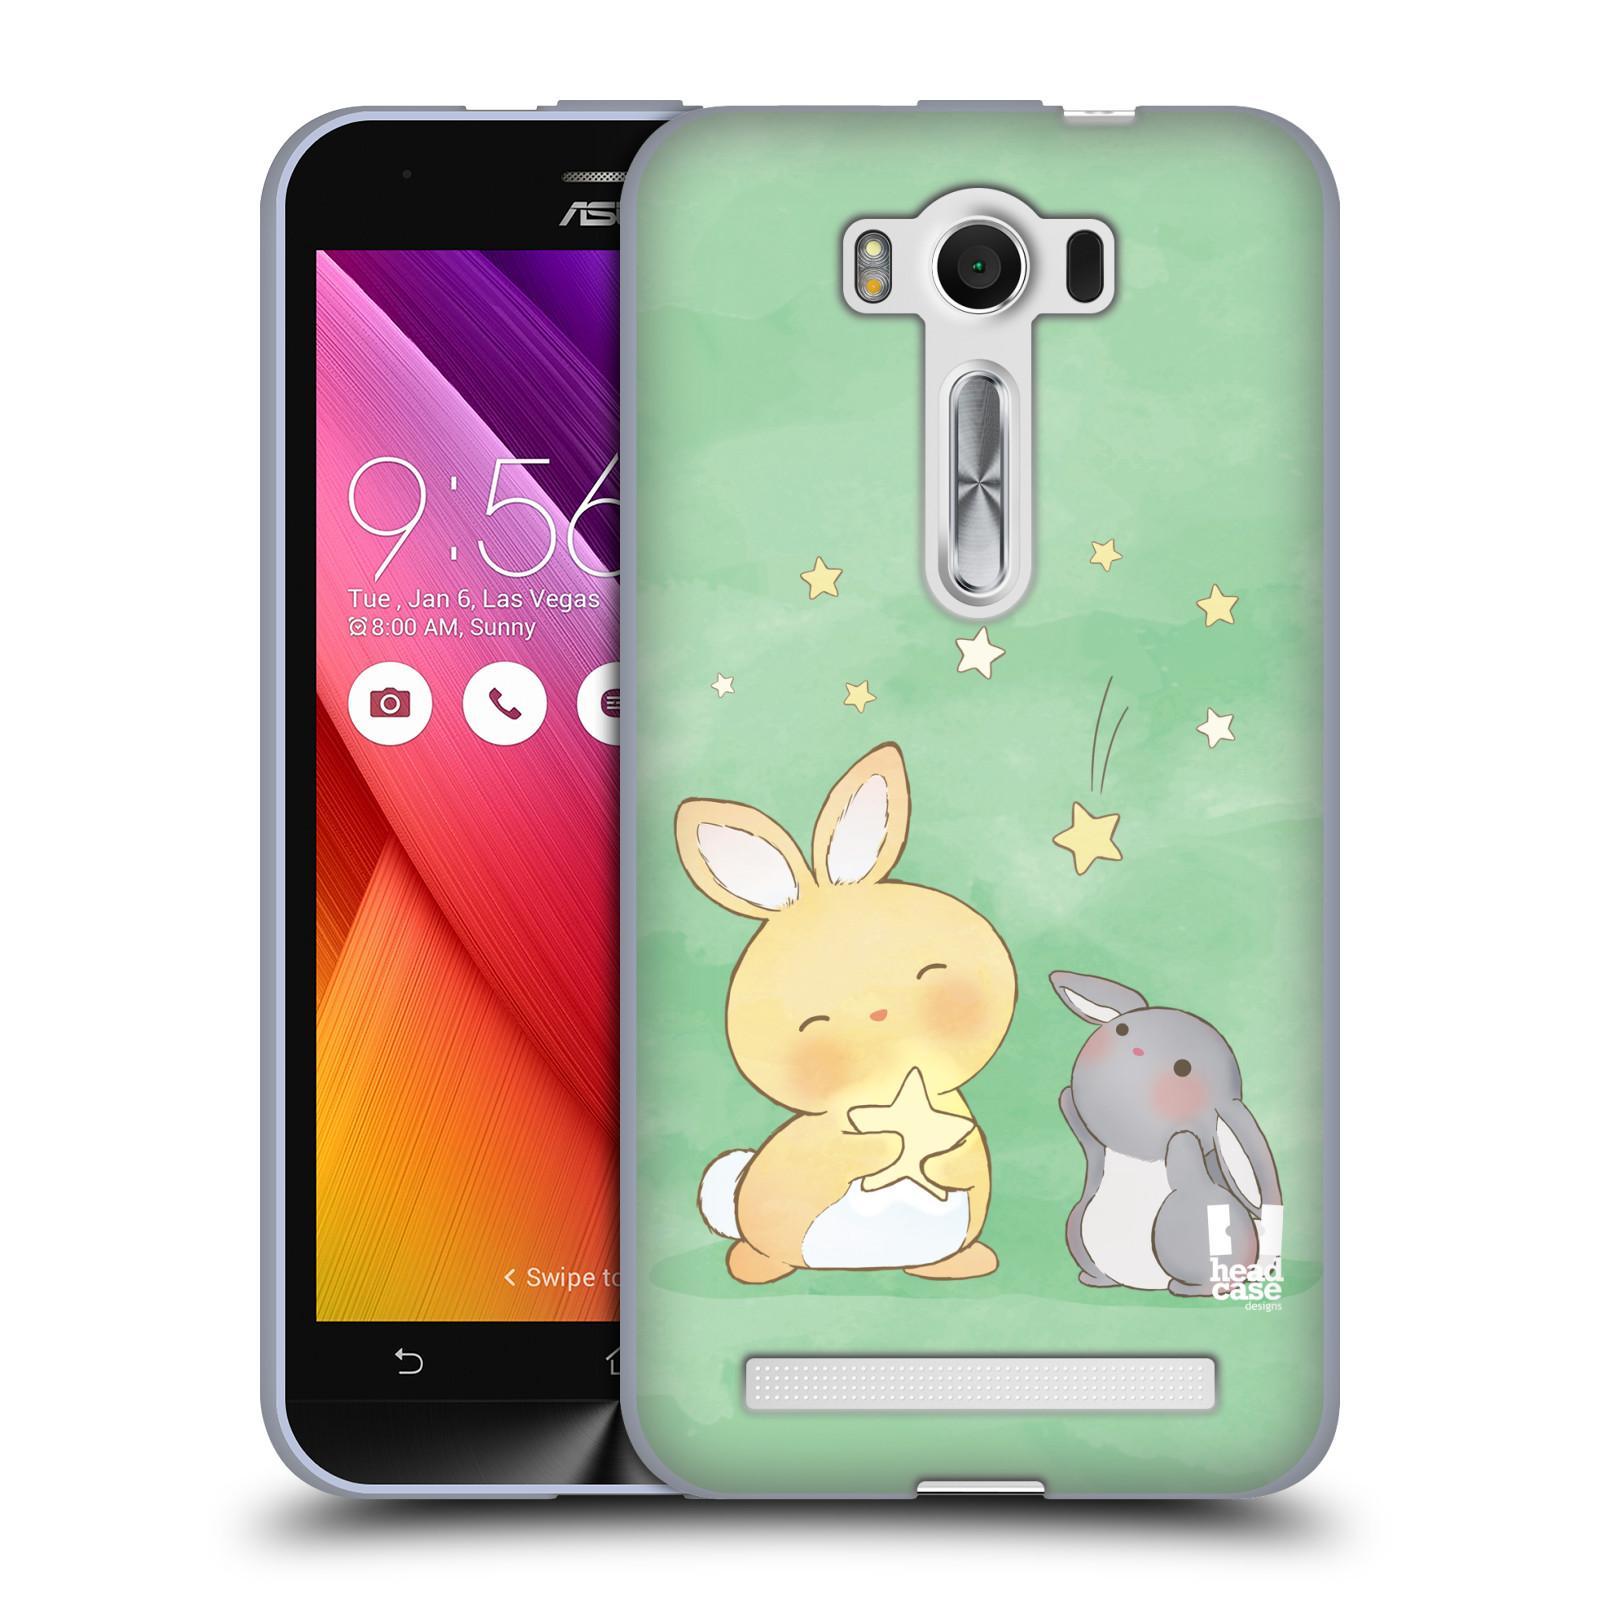 """HEAD CASE silikonový obal na mobil Asus Zenfone 2 LASER (ZE500KL s 5"""" displejem) vzor králíček a hvězdy zelená"""